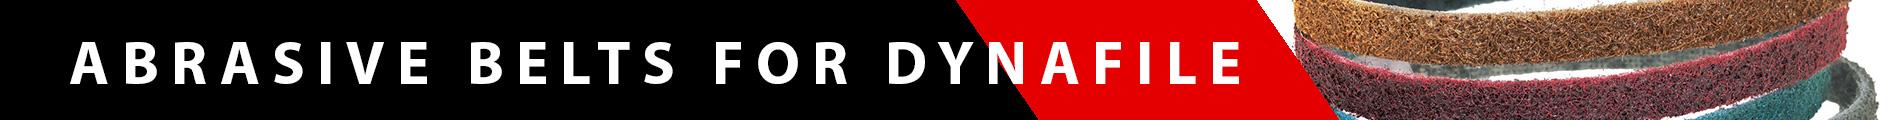 Dynafile - Abrasive Belts